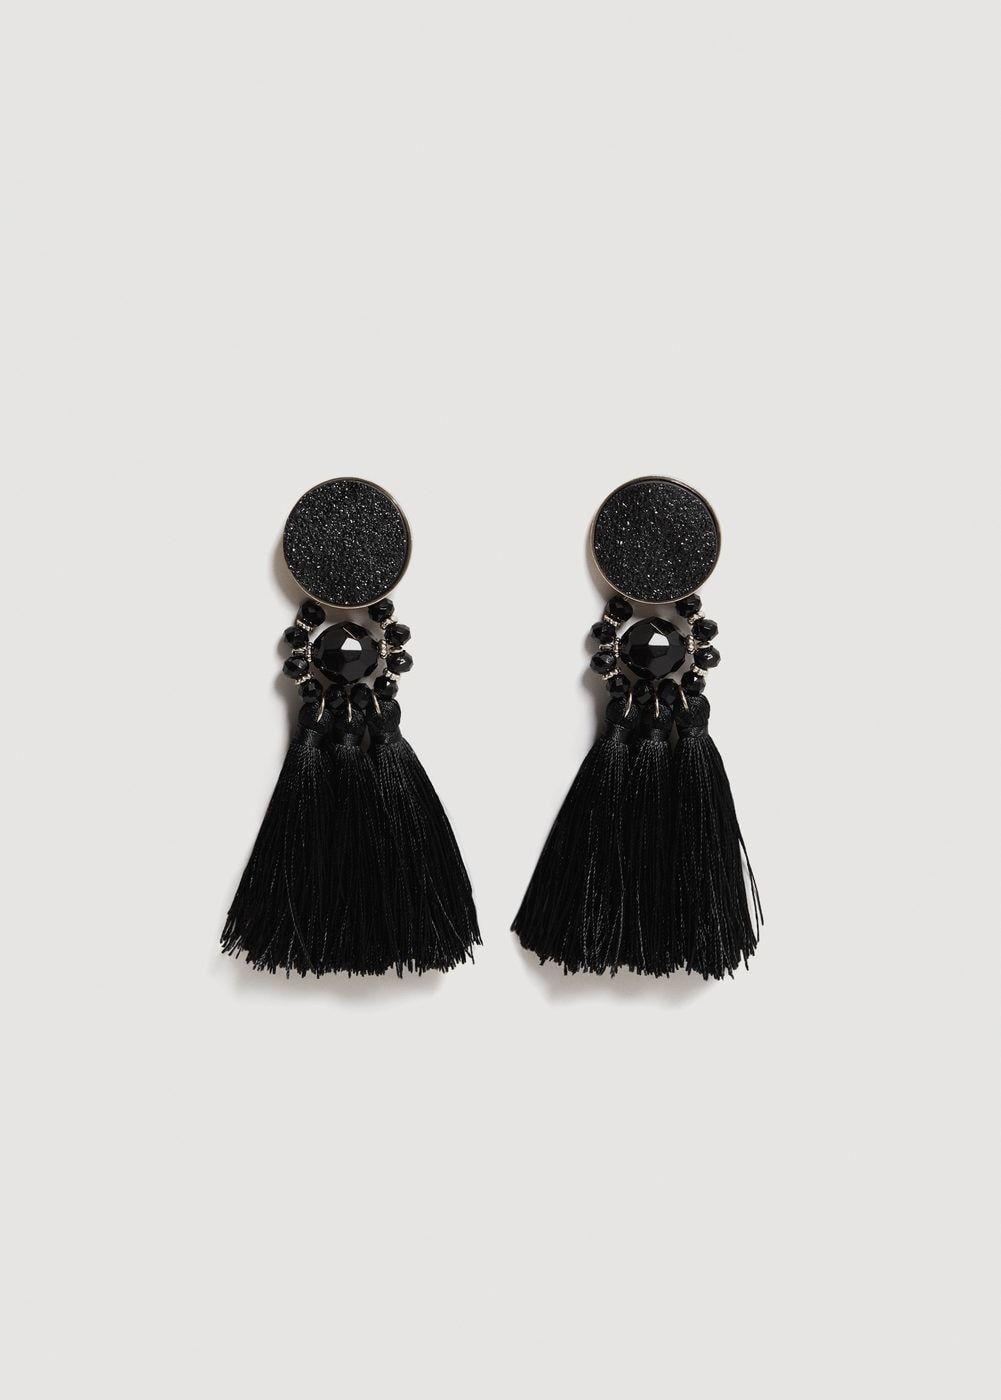 Vestidos y accesorios de Zara, Mango, Bershka, Uterqüe, Sfera, Bimba y Lola, H&M, Stradivarius, & Other Stories, para lucir tanto de día como de noche.